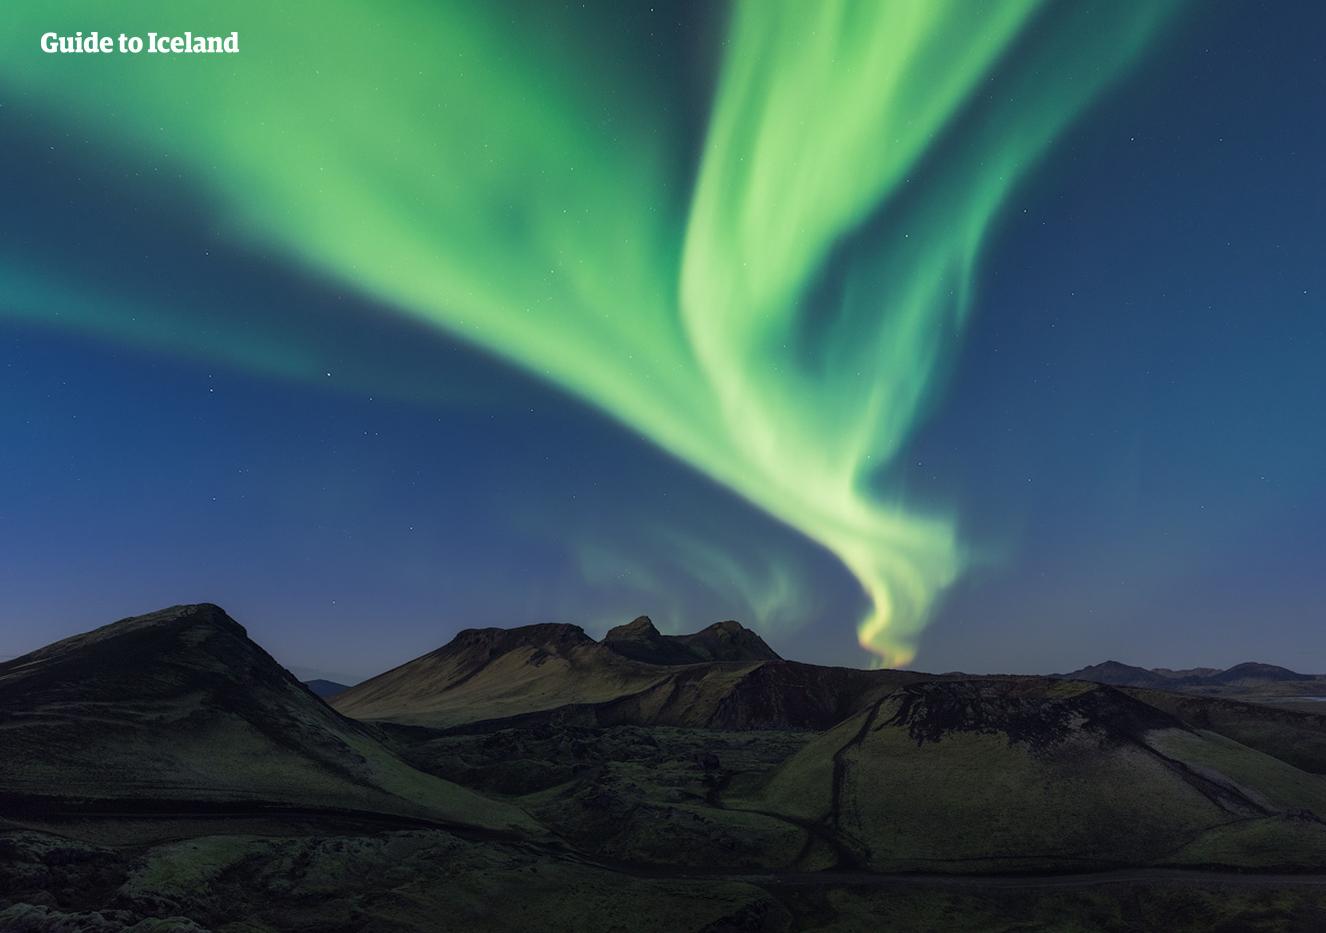 Nordlichter-Touren finden zu land und zu Wasser statt und bei beiden Möglichkeiten hast du gute Chancen, die zauberhaften Auroras zu sehen.